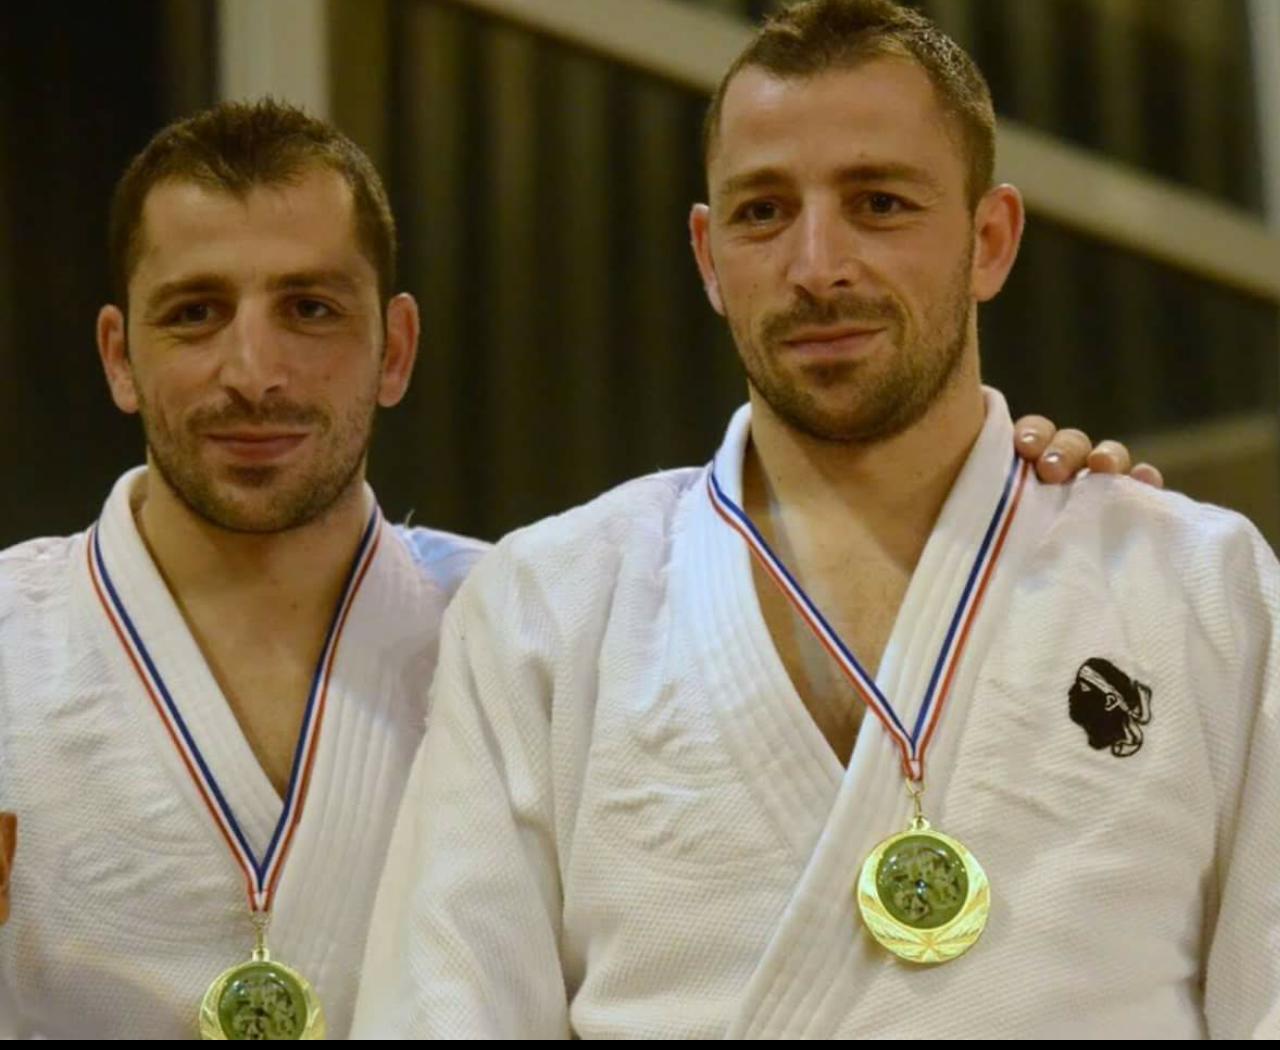 Les frères Beovardi remportent le tournoi international d'Orléans